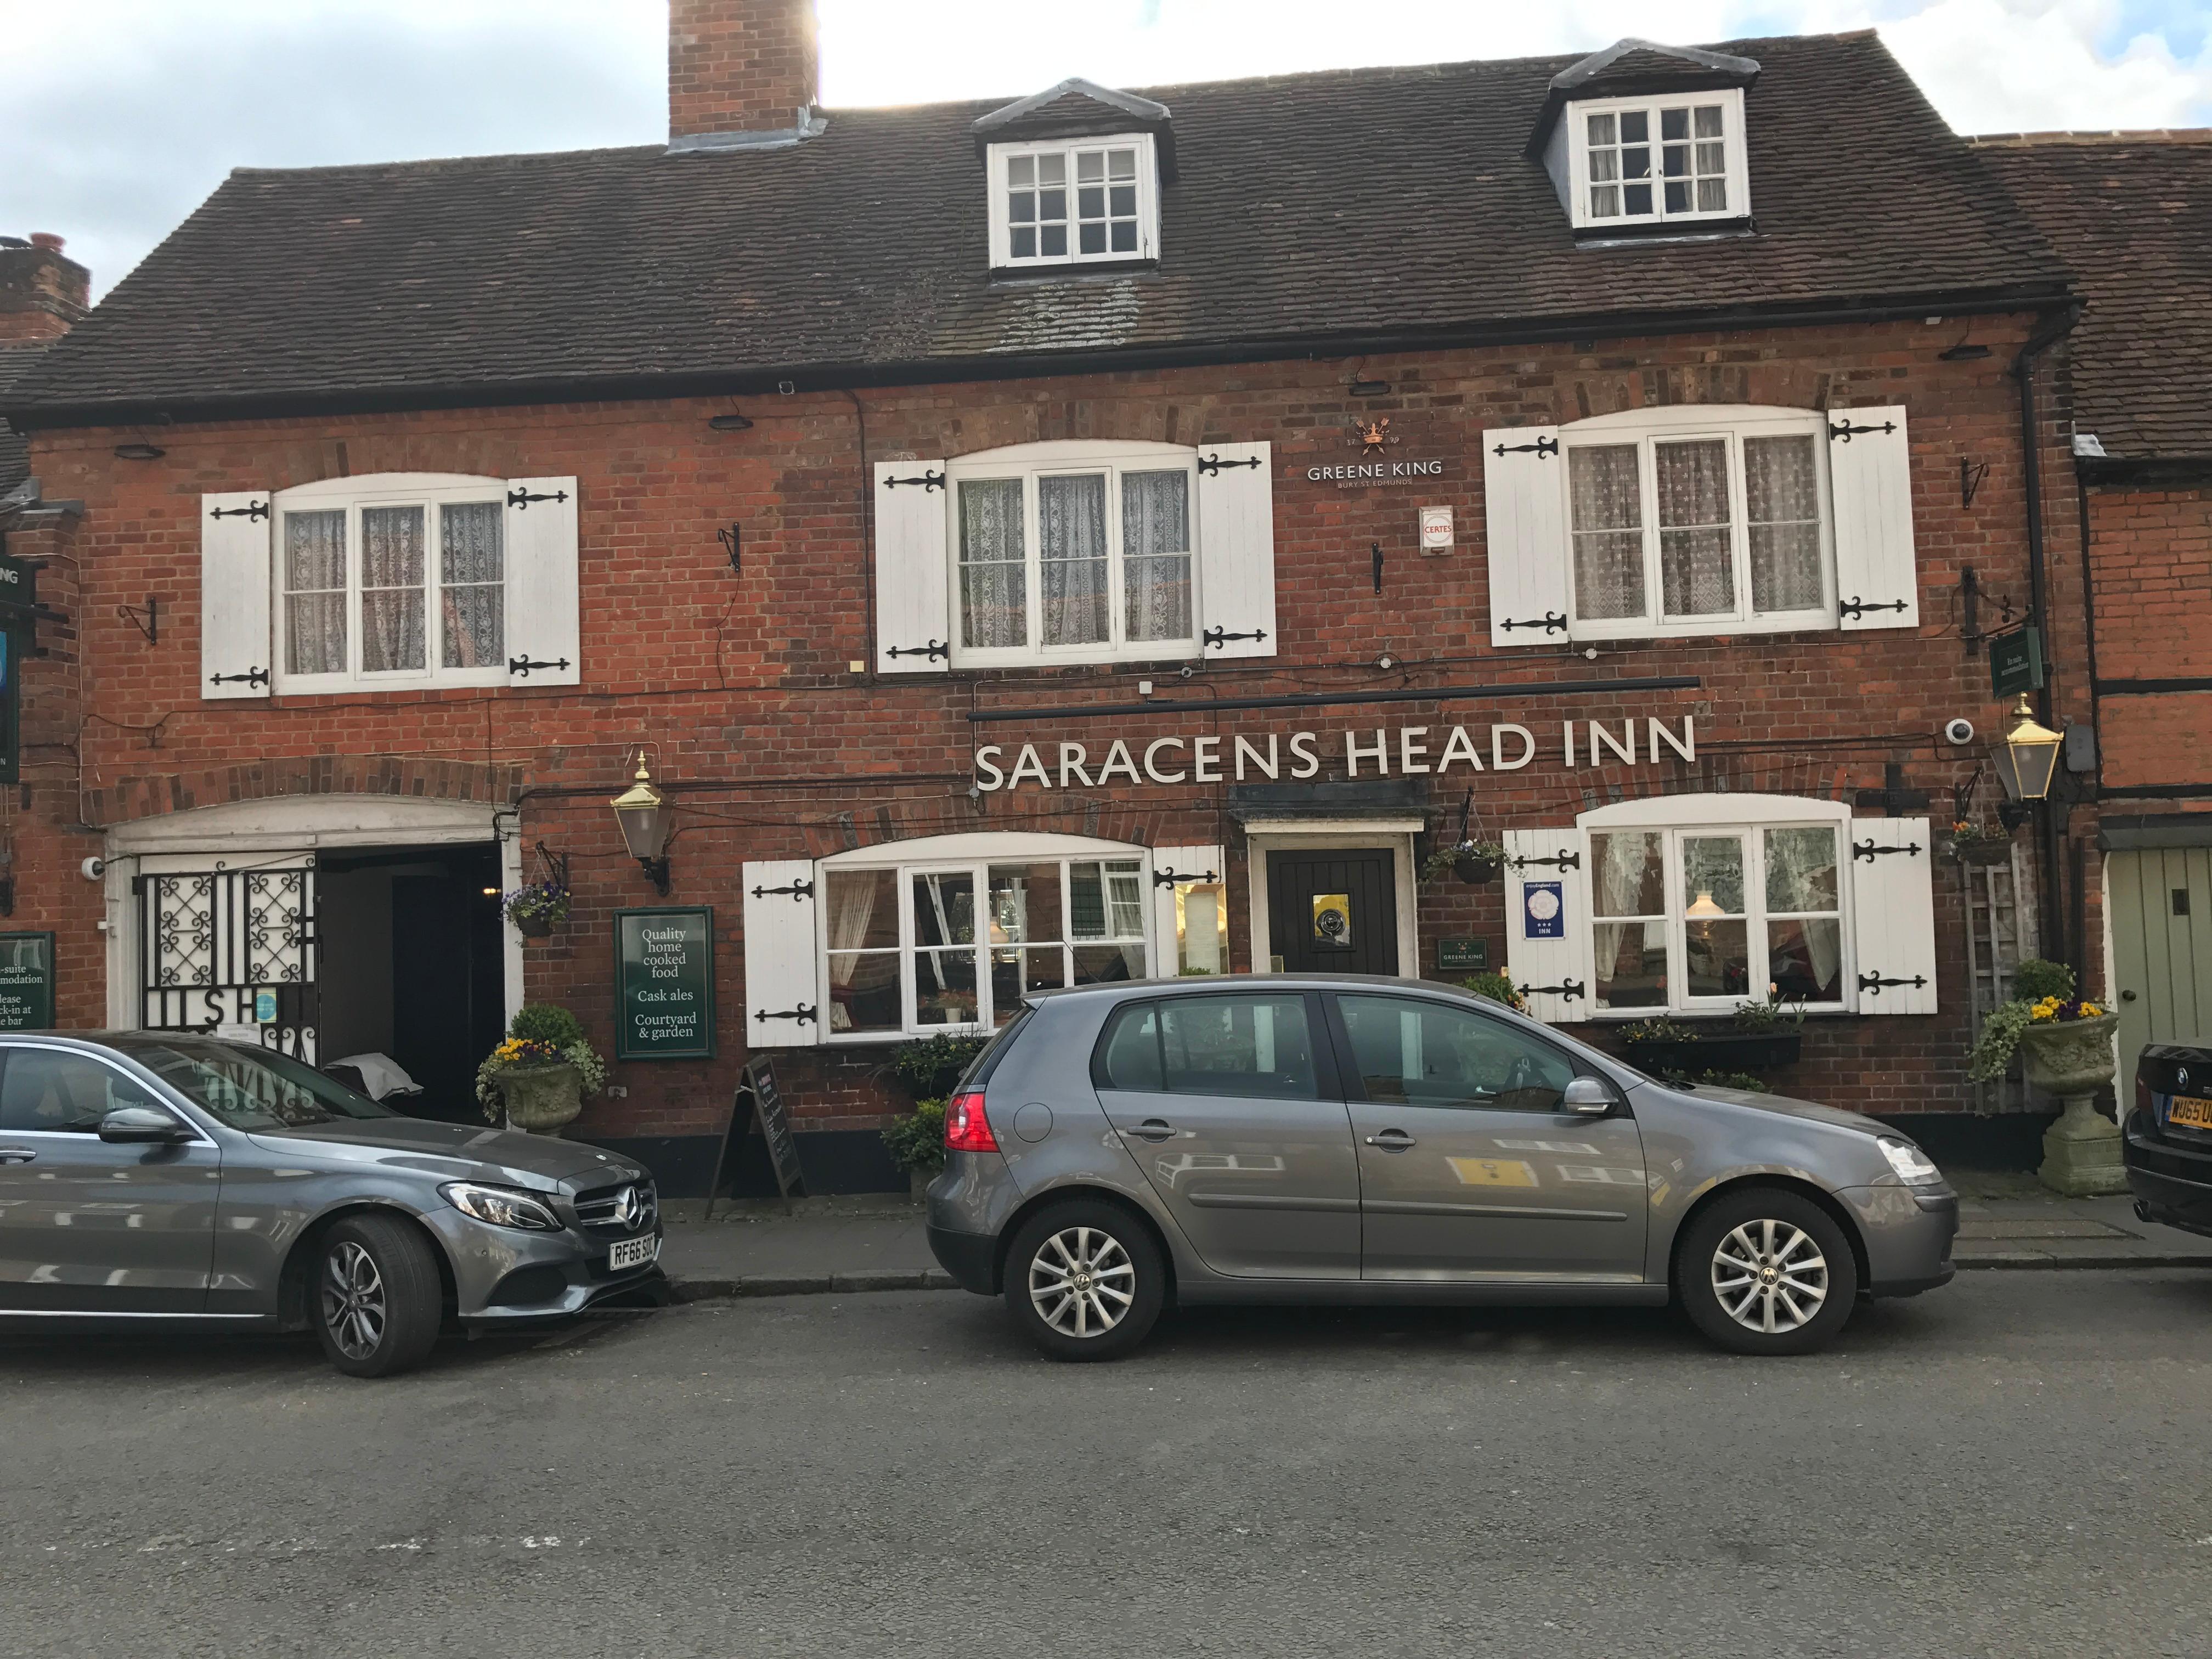 Saracens Head Inn